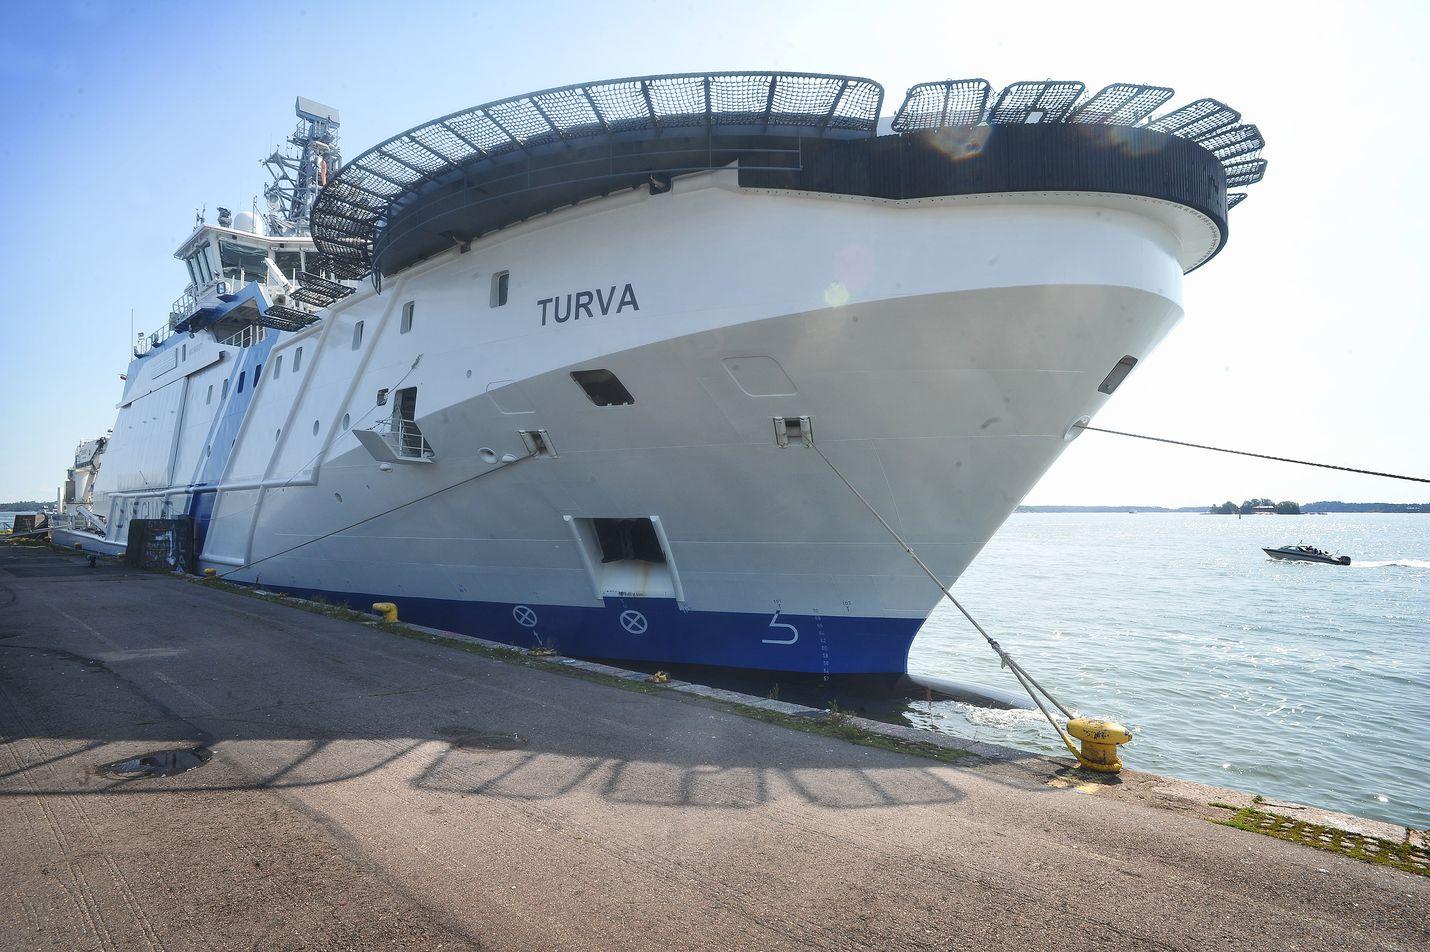 Vuonna 2014 käyttöön otettu vartiolaiva Turva on uusin, isoin ja nykyaikaisin Rajavartiolaitoksen aluksista.